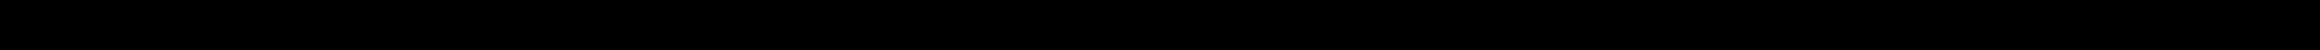 DENSO 4609079, 56028886AA, SPORC12YC5, D32, 1N04 18 110 Zapaľovacia sviečka